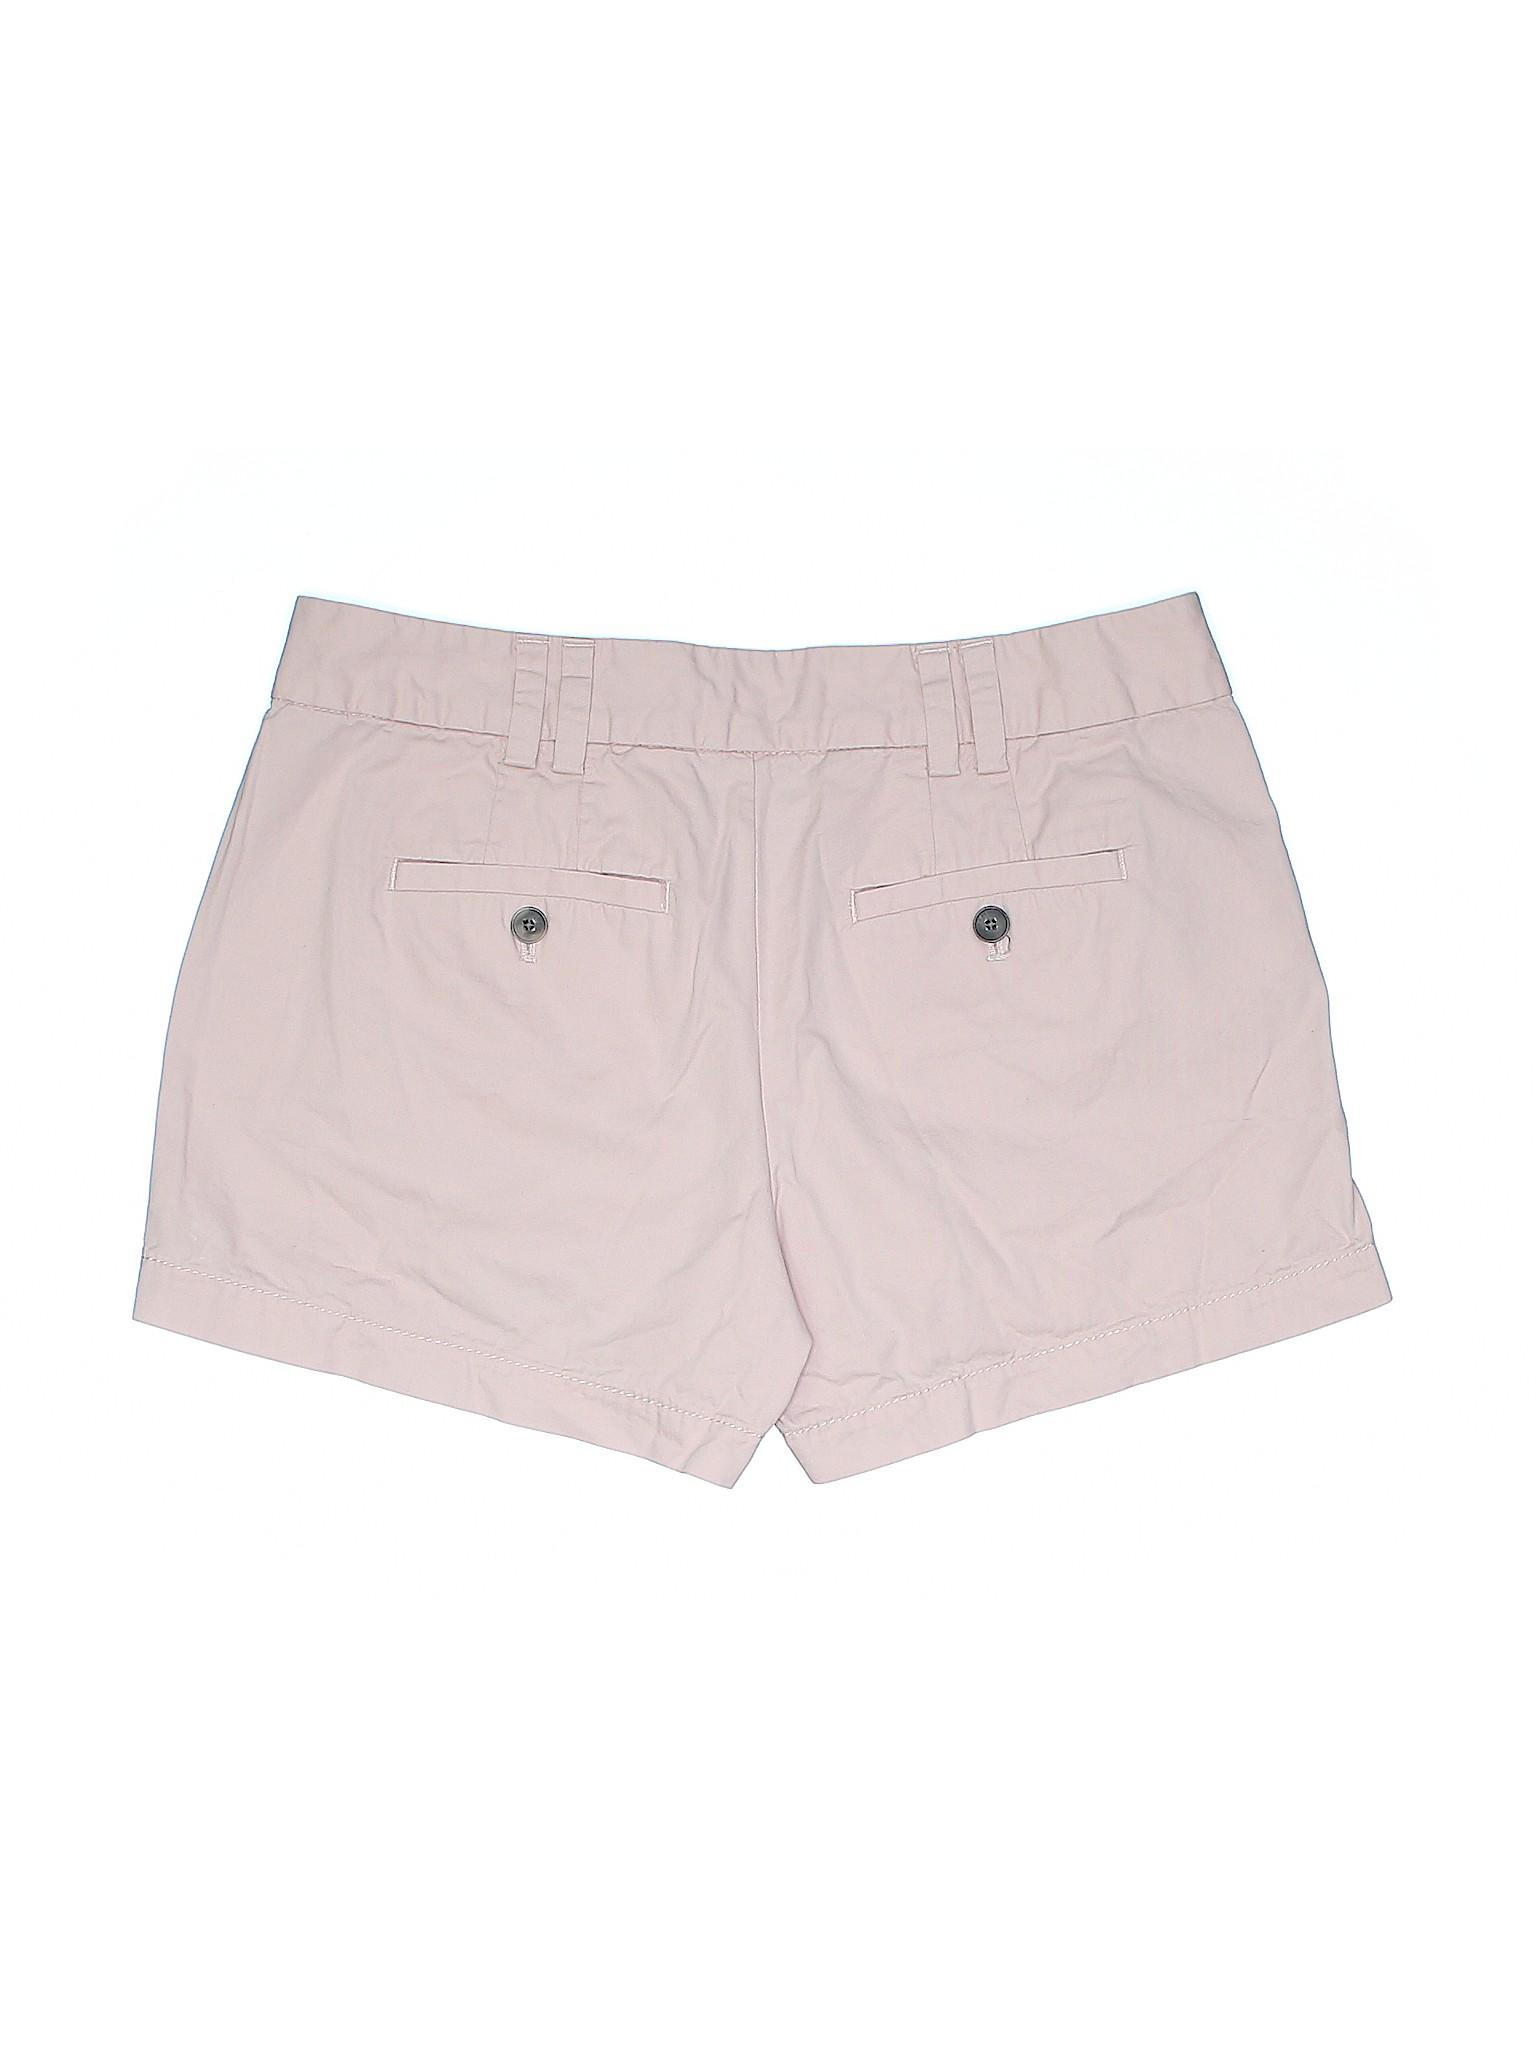 Ann Taylor LOFT Boutique Khaki Shorts pxdqwXH